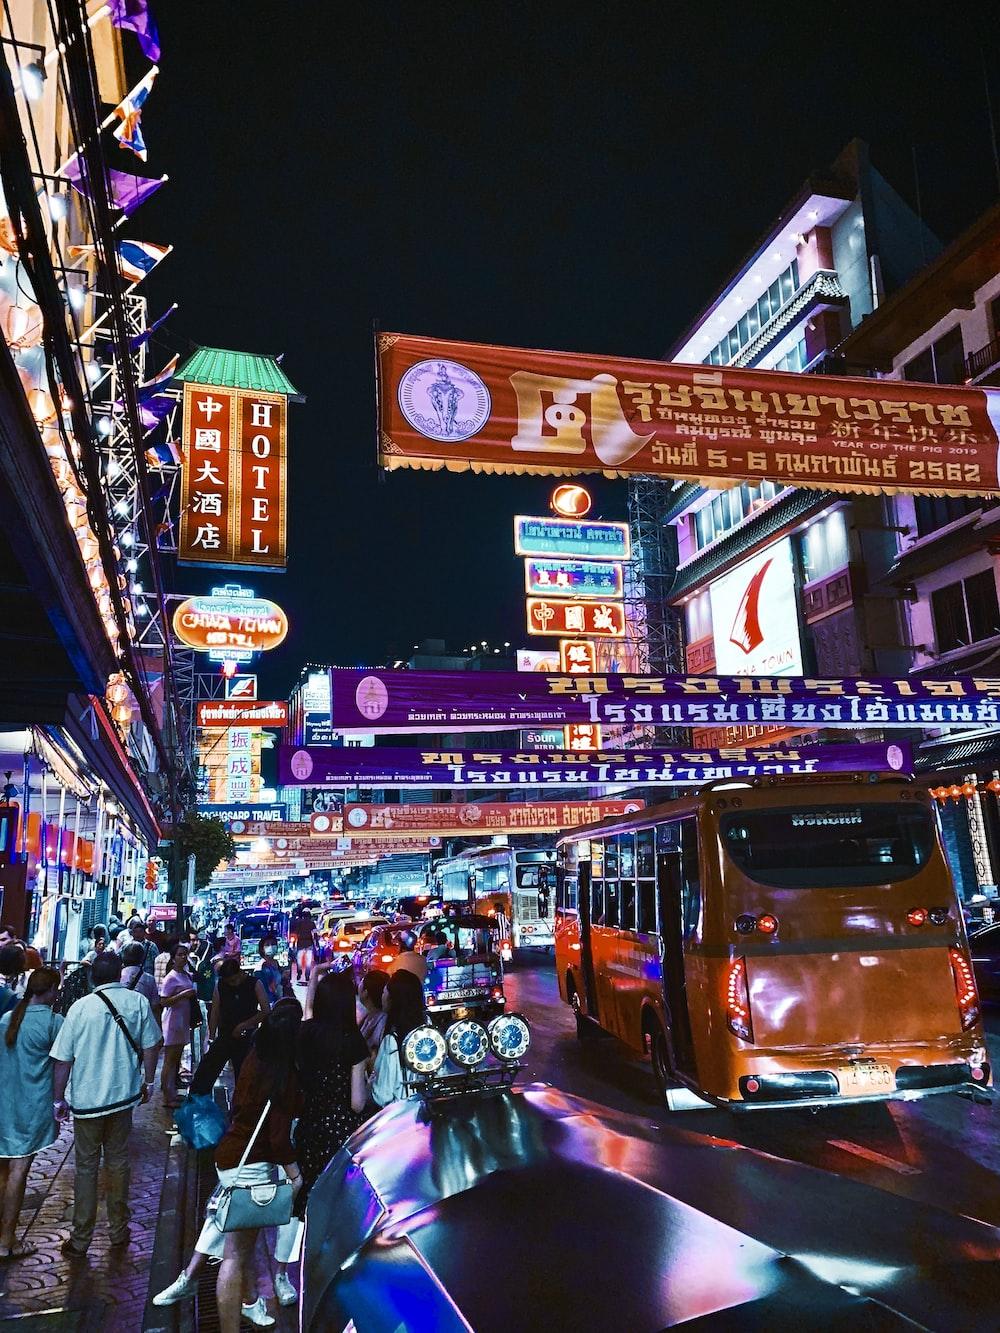 night store scenery